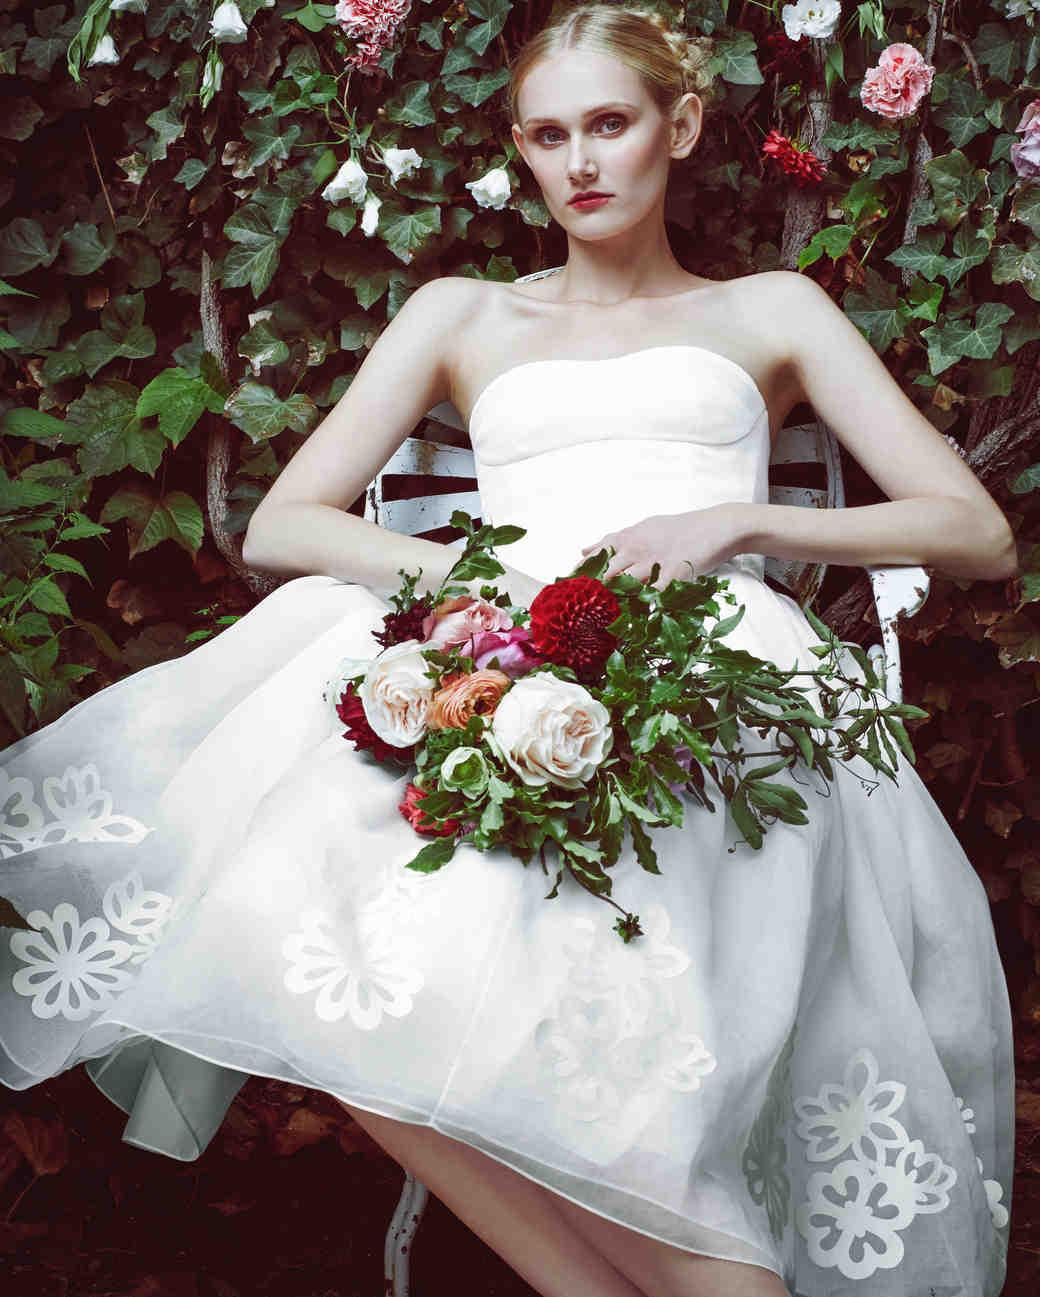 50-states-wedding-dresses-delaware-honor-0615.jpg